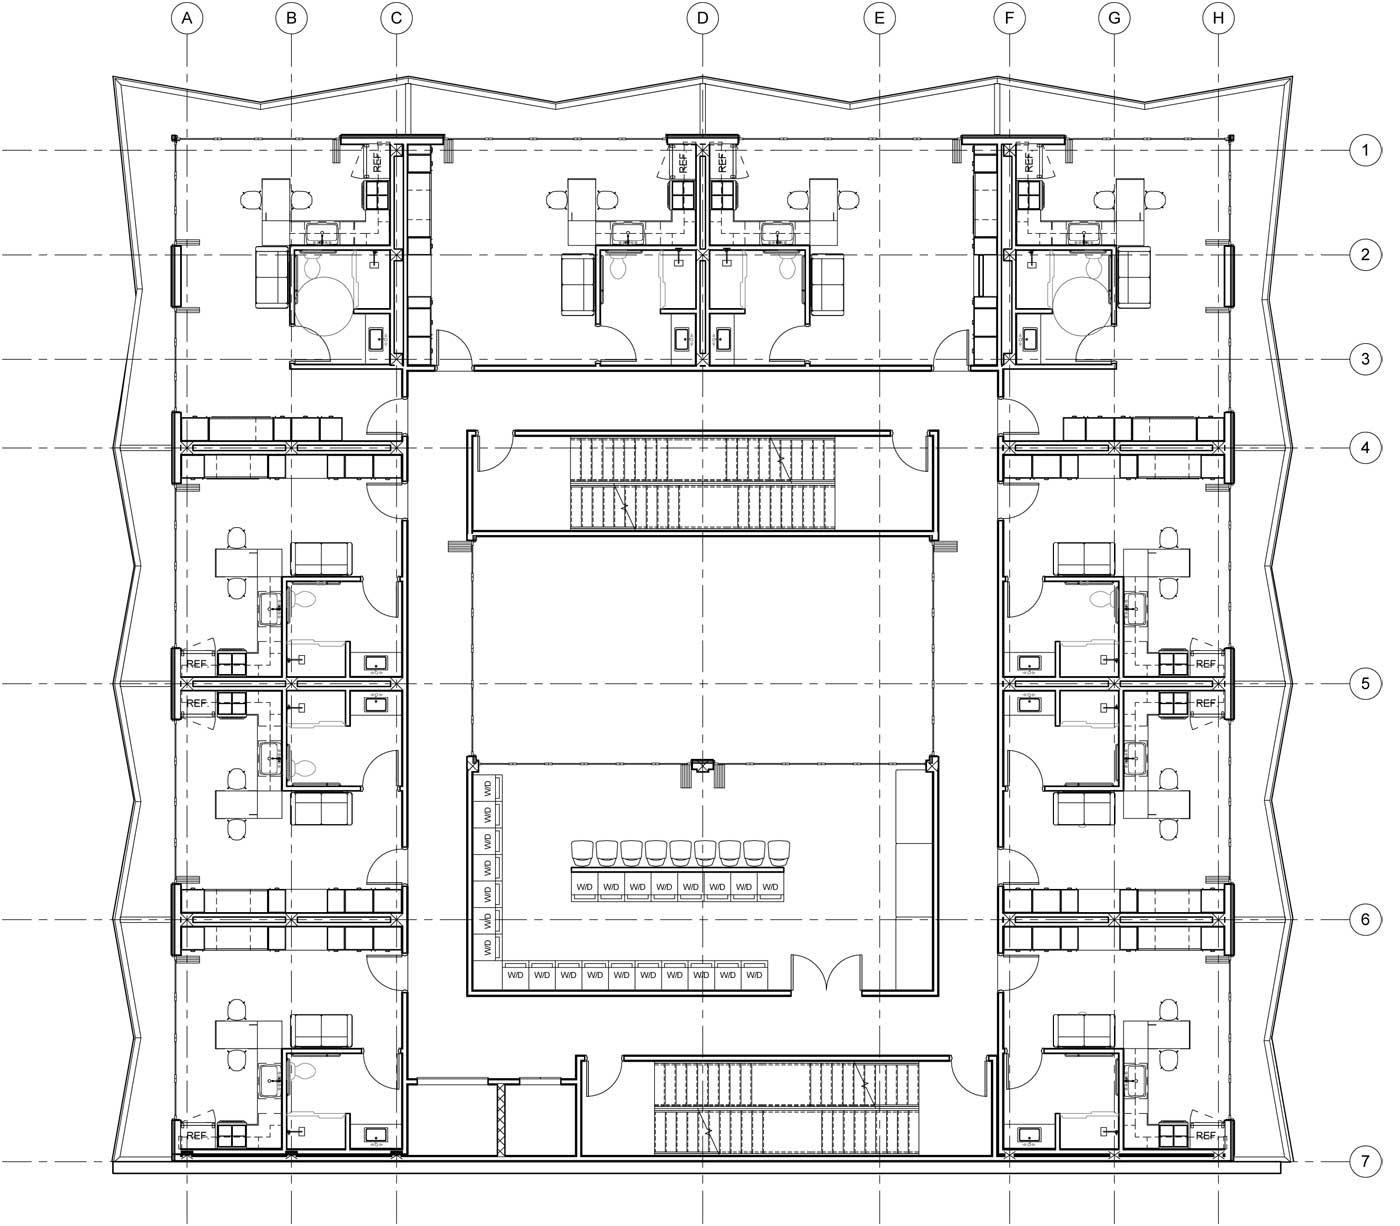 NYC-Micro-Dwellings-2nd-Floor-Plan.jpg